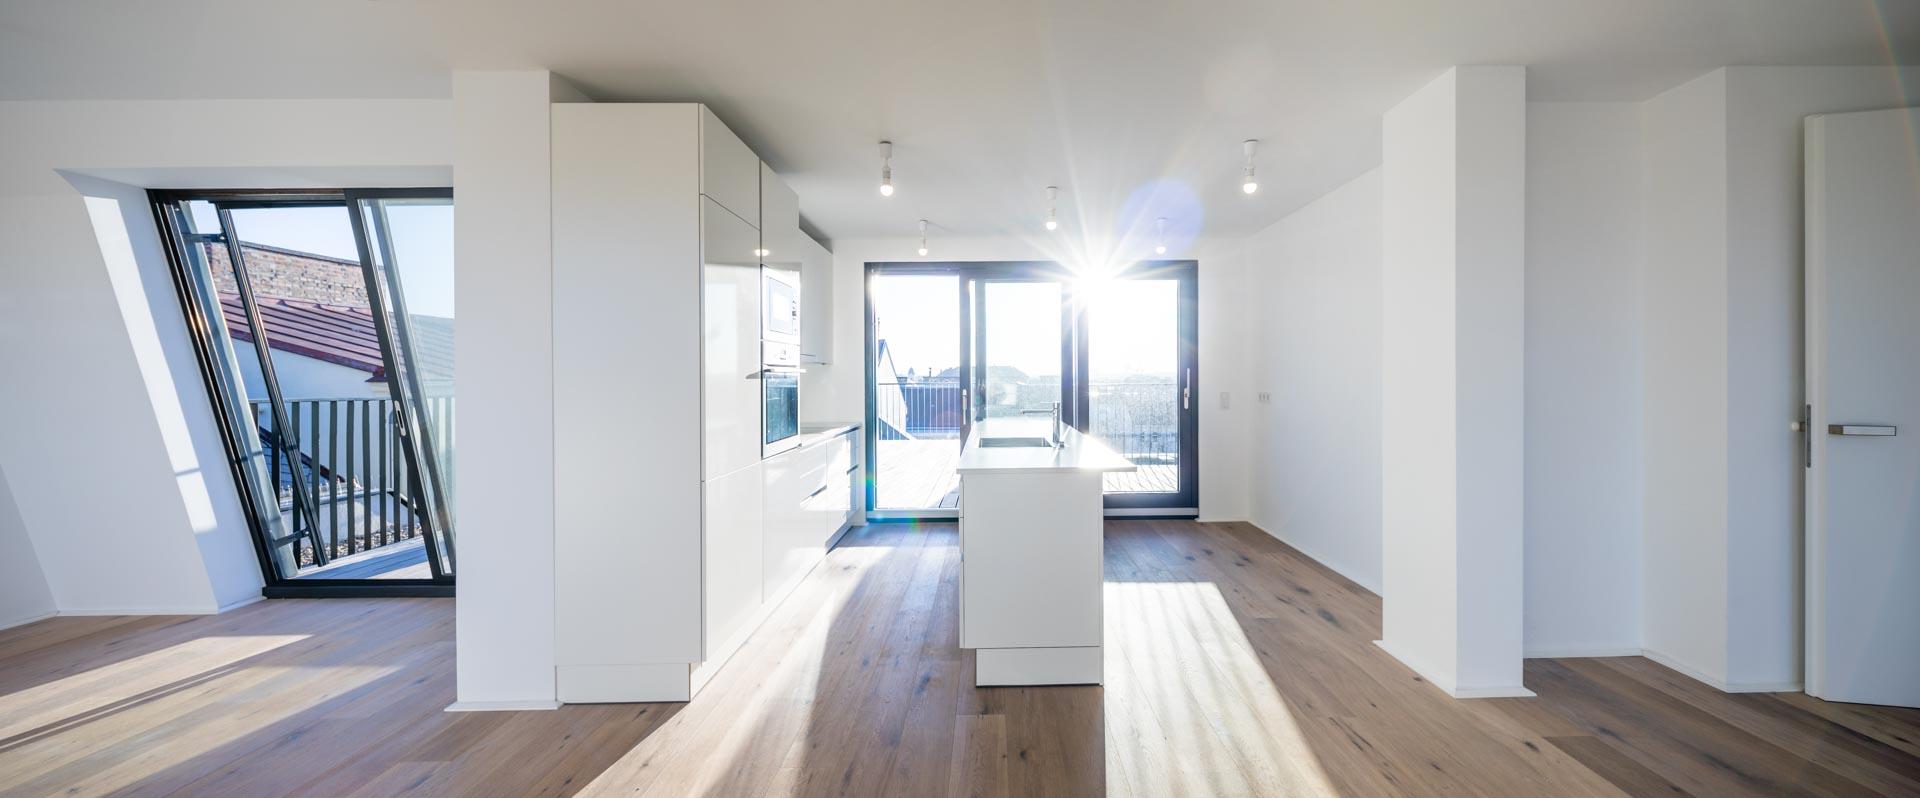 AVEST Immobilie in der Hollergasse 40, 1150 Wien. Wohnküche Top 40